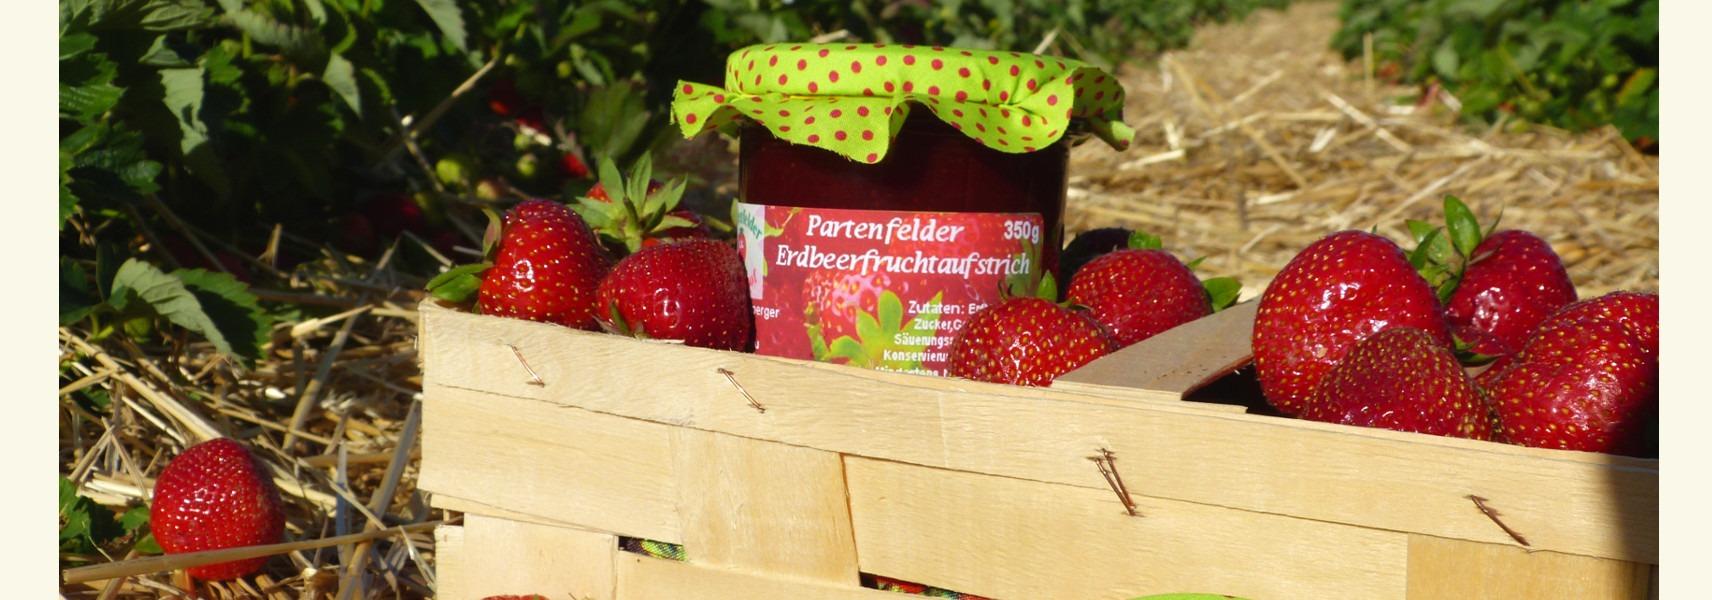 gefüllter Erdbeerkorb zusammen mit einem Glas Partenfelder Erdbeerfruchtaufstrich